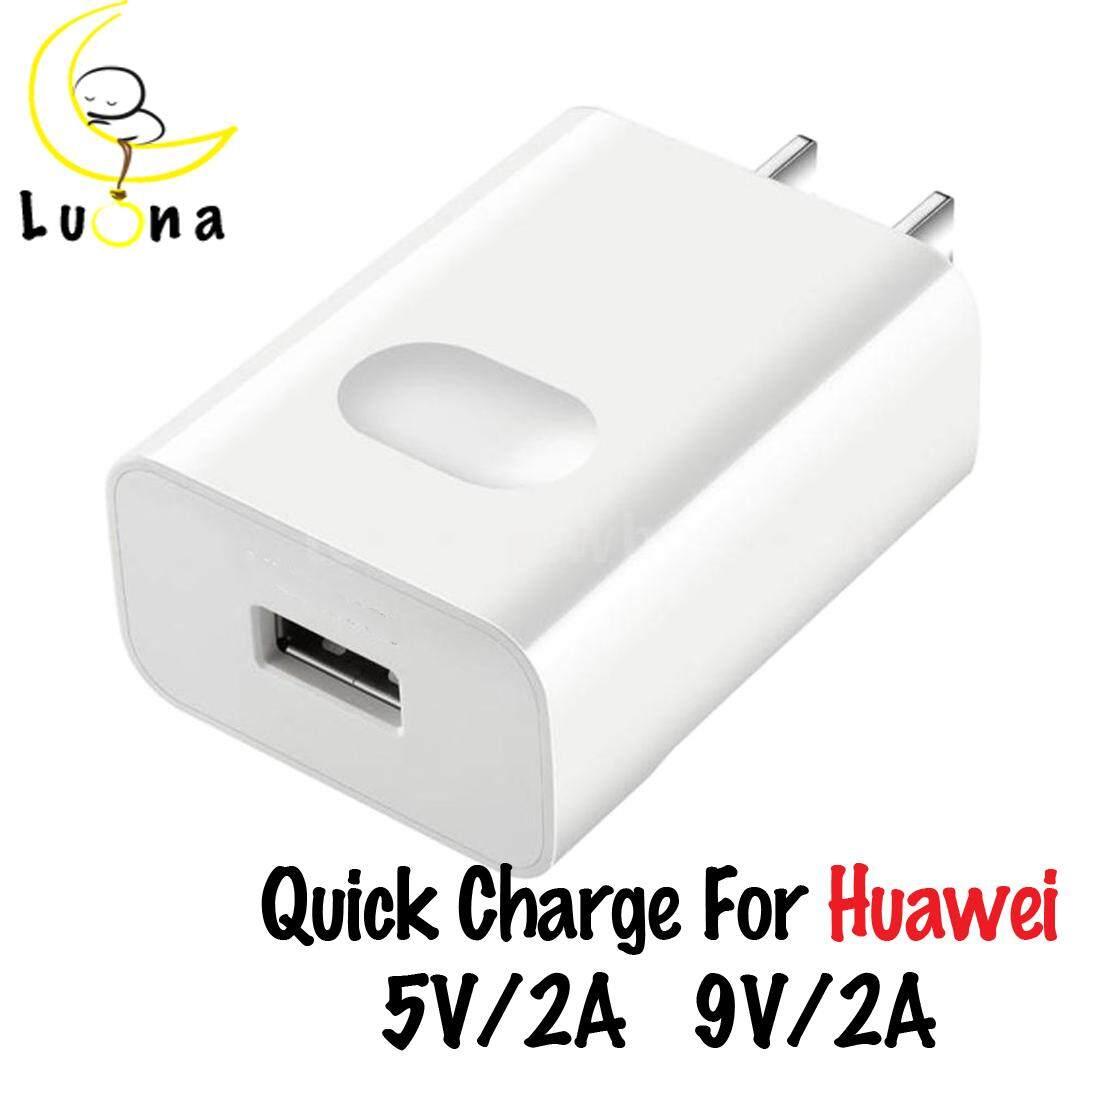 ขาย Usb Quick Charger Adapter For Huawei หัวชาร์จสำหรับหัวเว่ย 9V2A 5V2A Magic 8 V8 Note 8 V9 P9 P9 Plus Nova หัวชาร์จด่วน Quick Charge เป็นต้นฉบับ